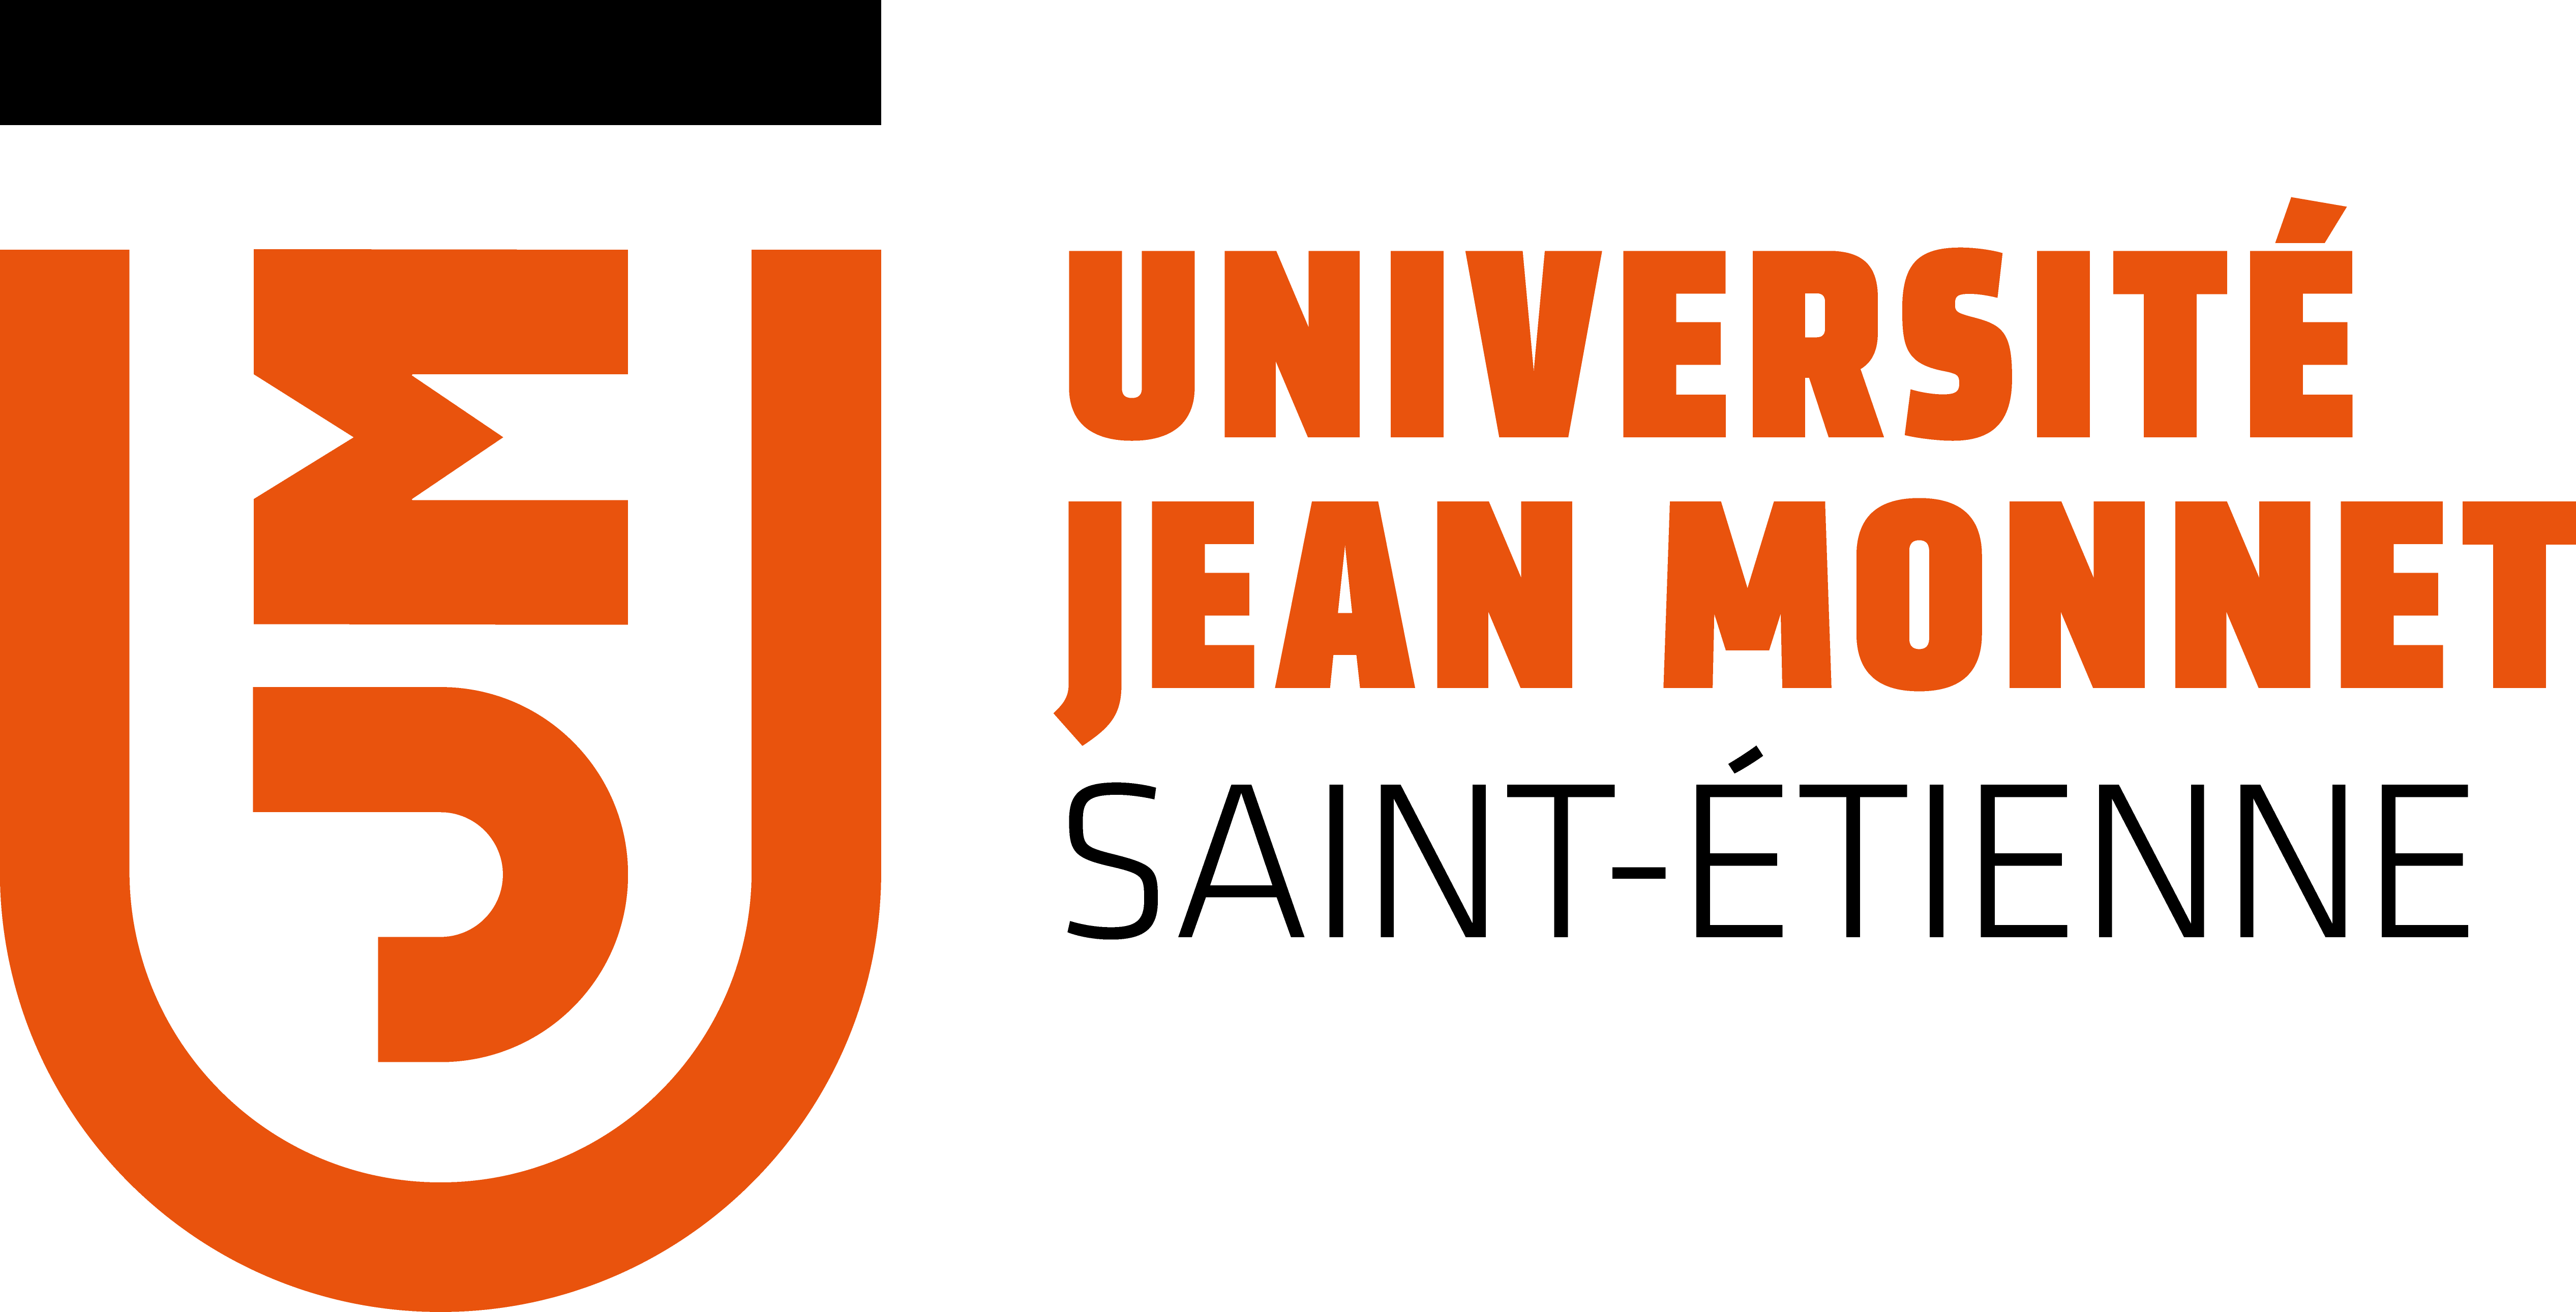 UJM-LOGOS-CMJN-01